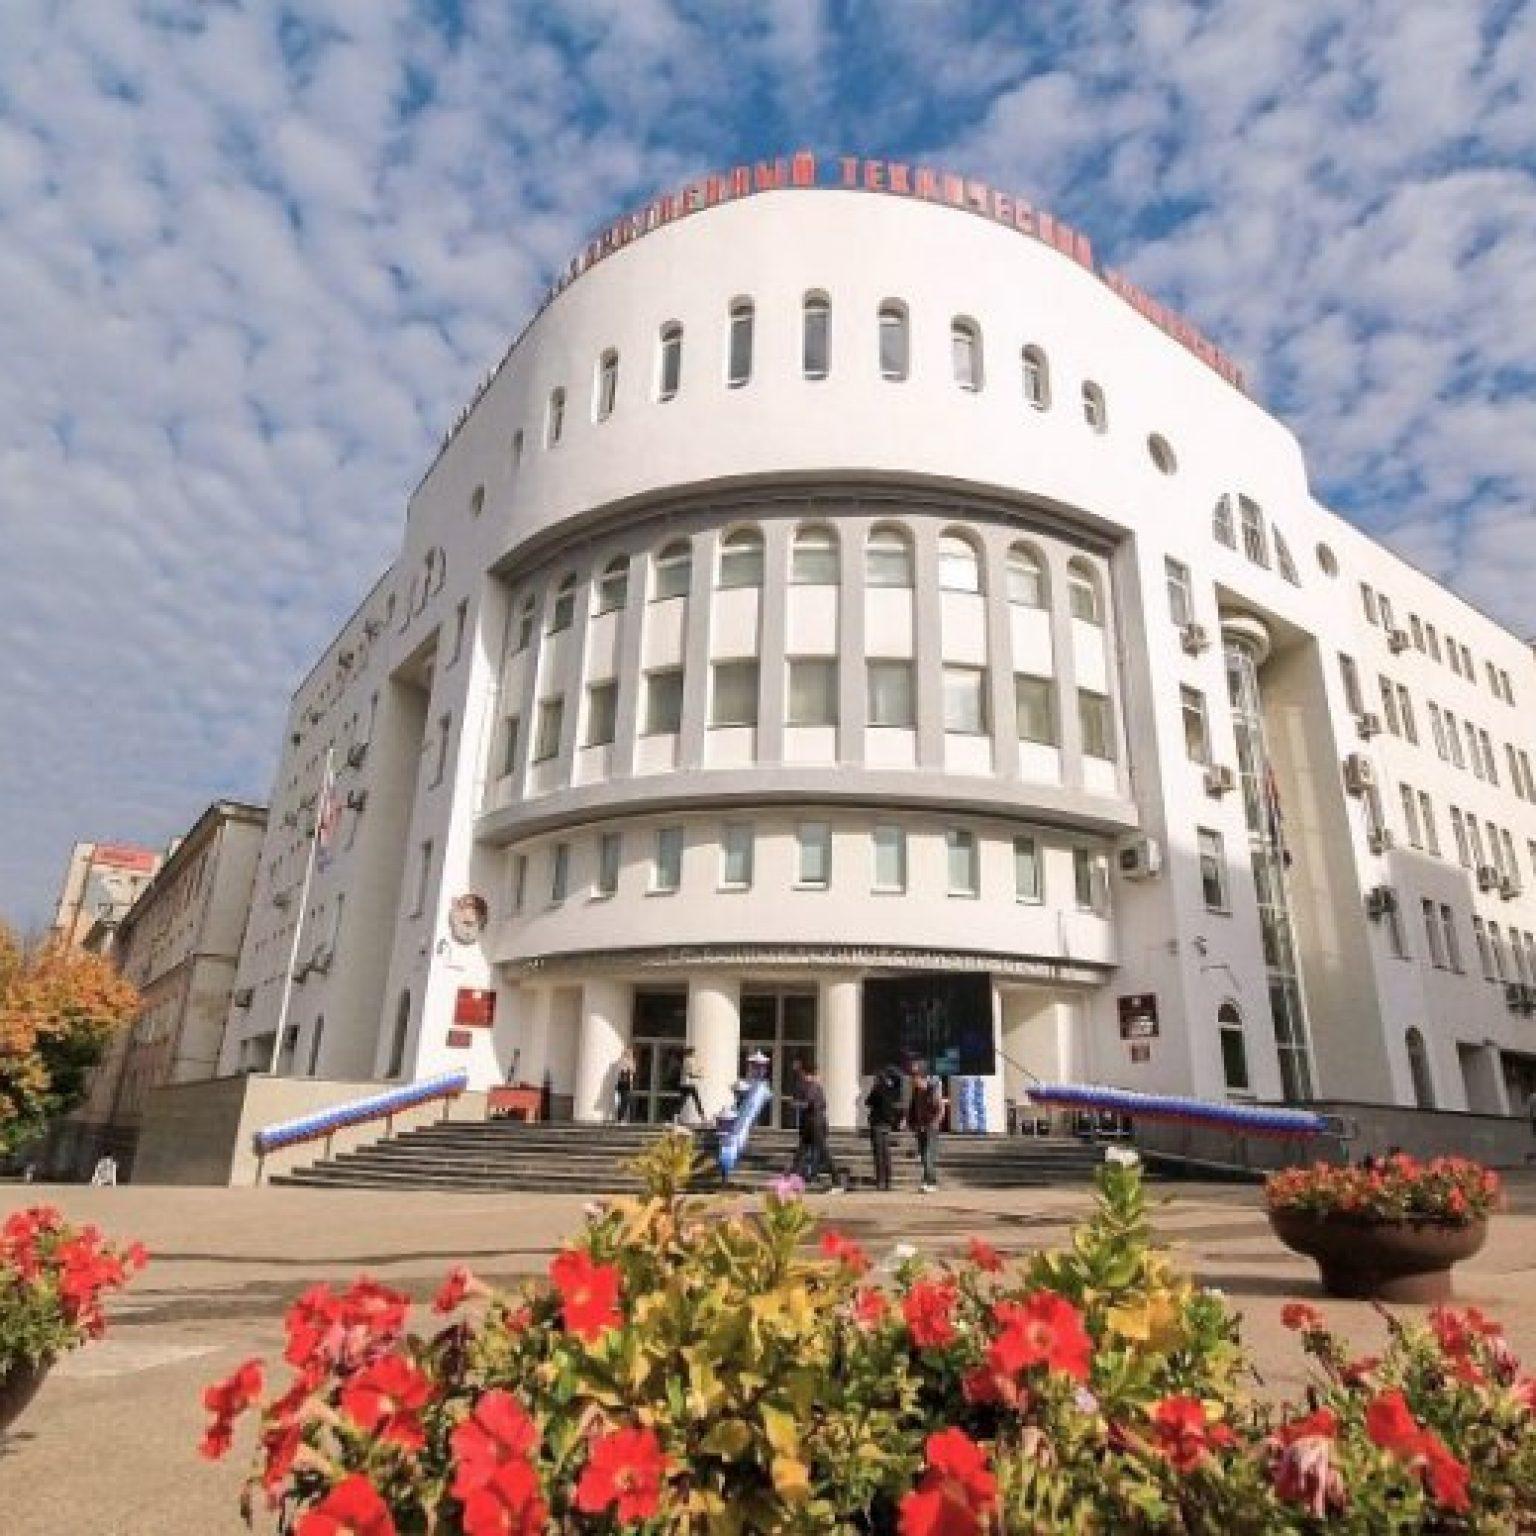 Достопримечательности Самары: здание Самарского технического университета